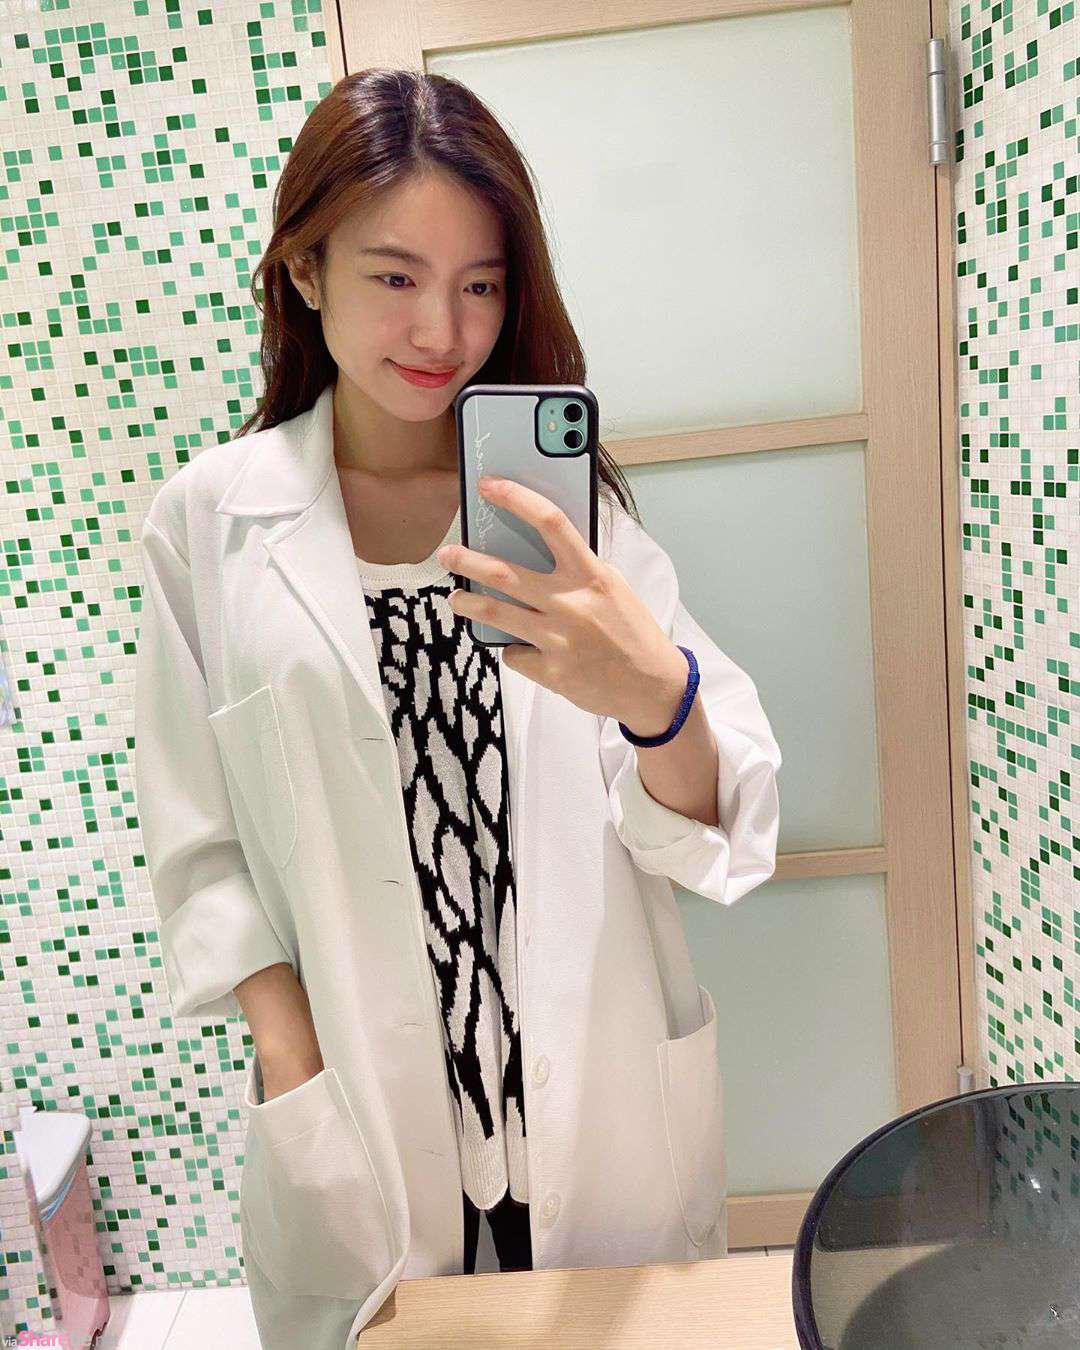 正妹医师Hsuan Wu摇身一变性感女模